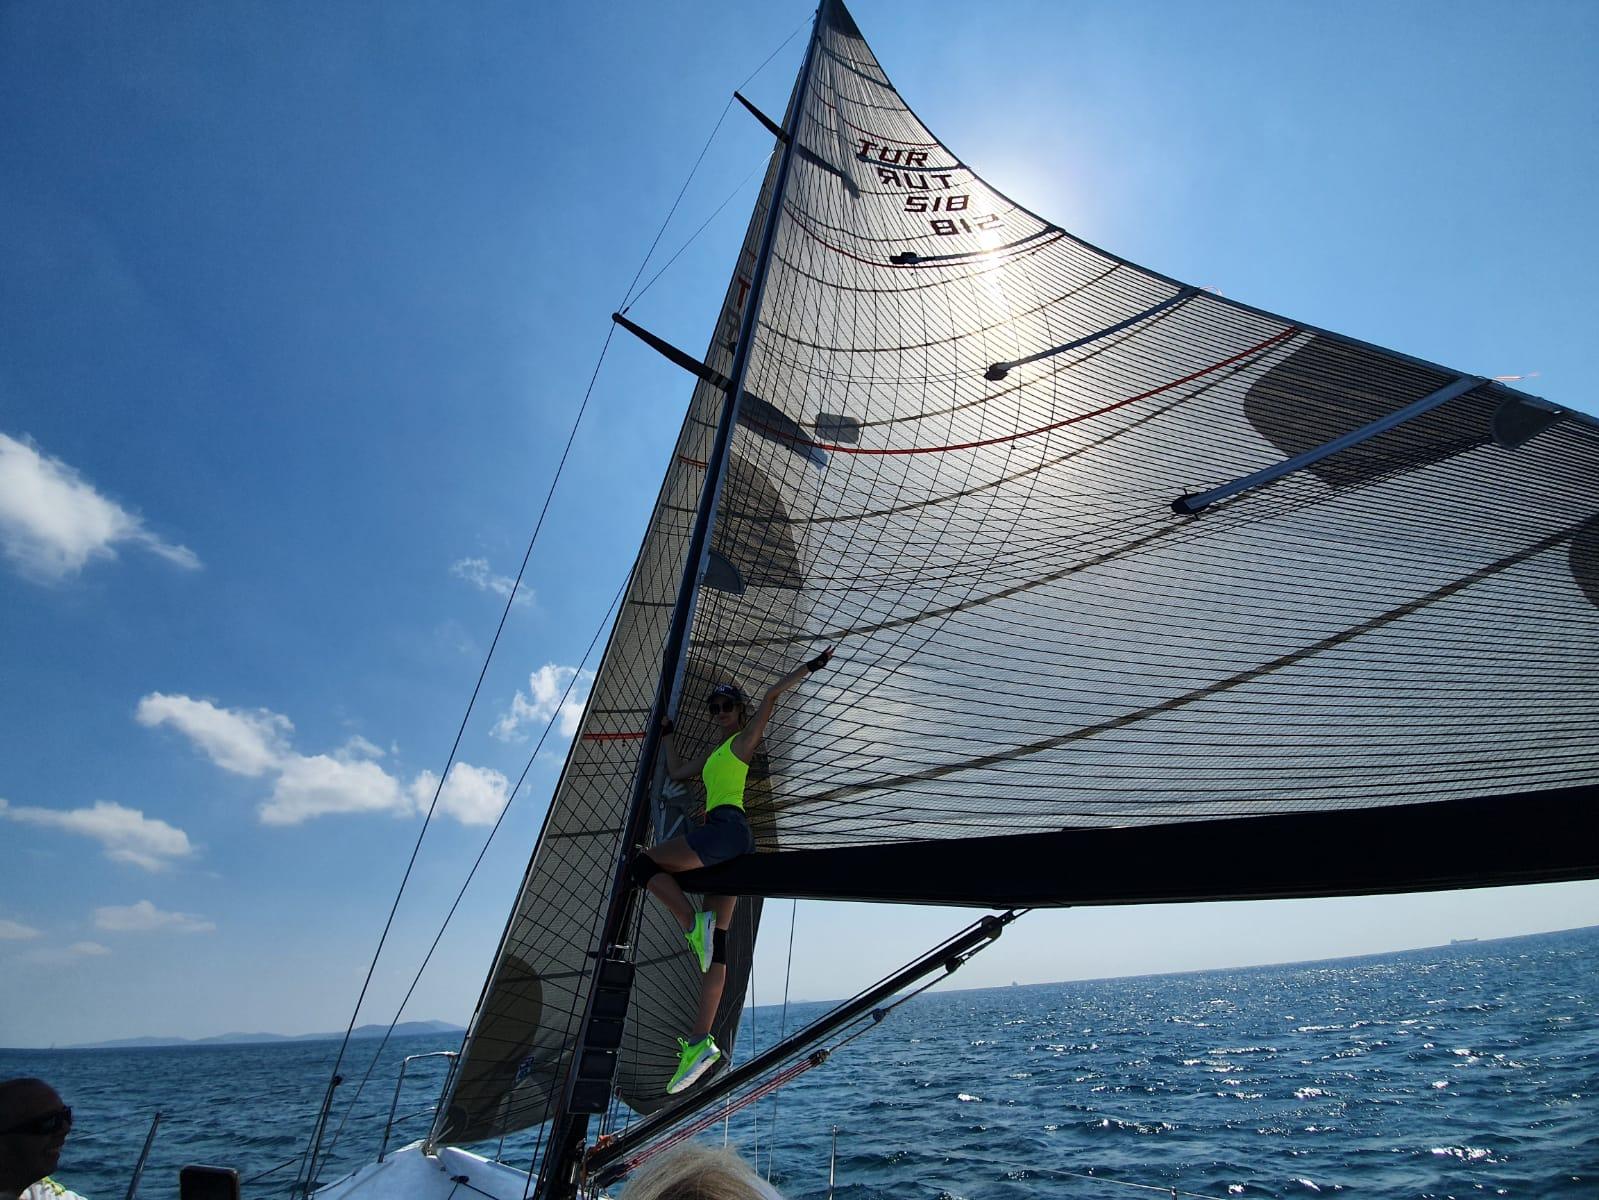 5. Deniz Kızı Kadın Yelken Kupası için antremanlar sürüyor